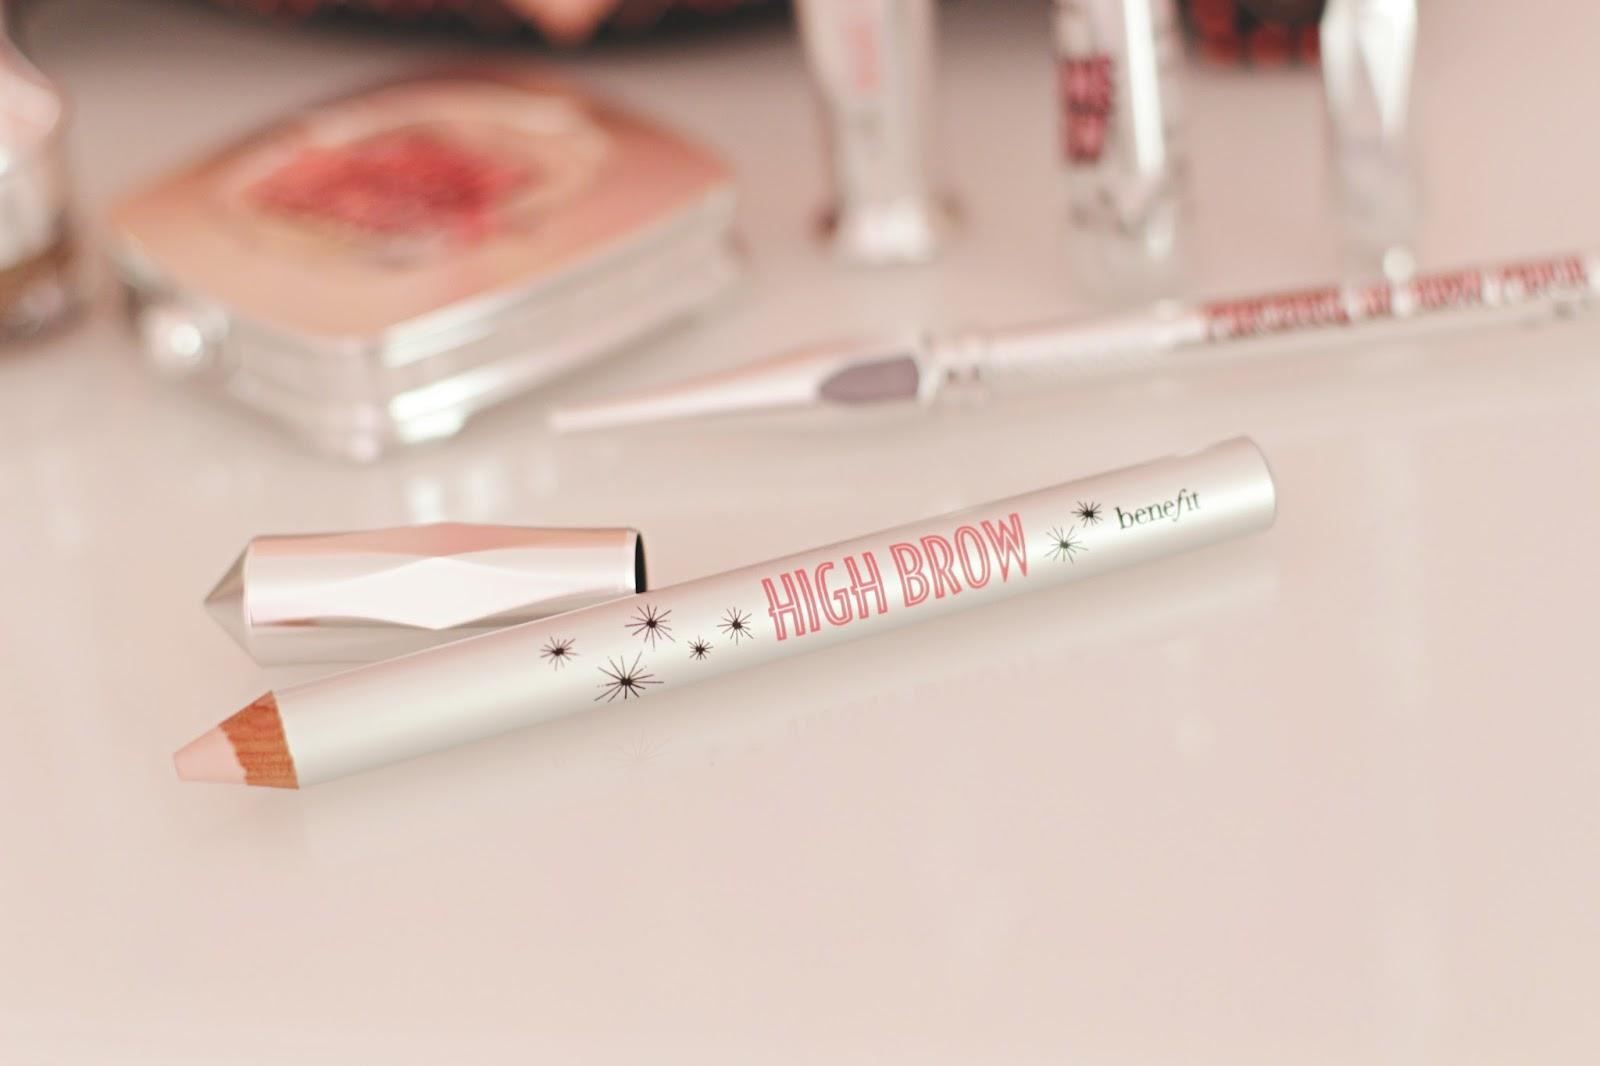 High Brow Benefit : crayon illuminateur à la texture crème